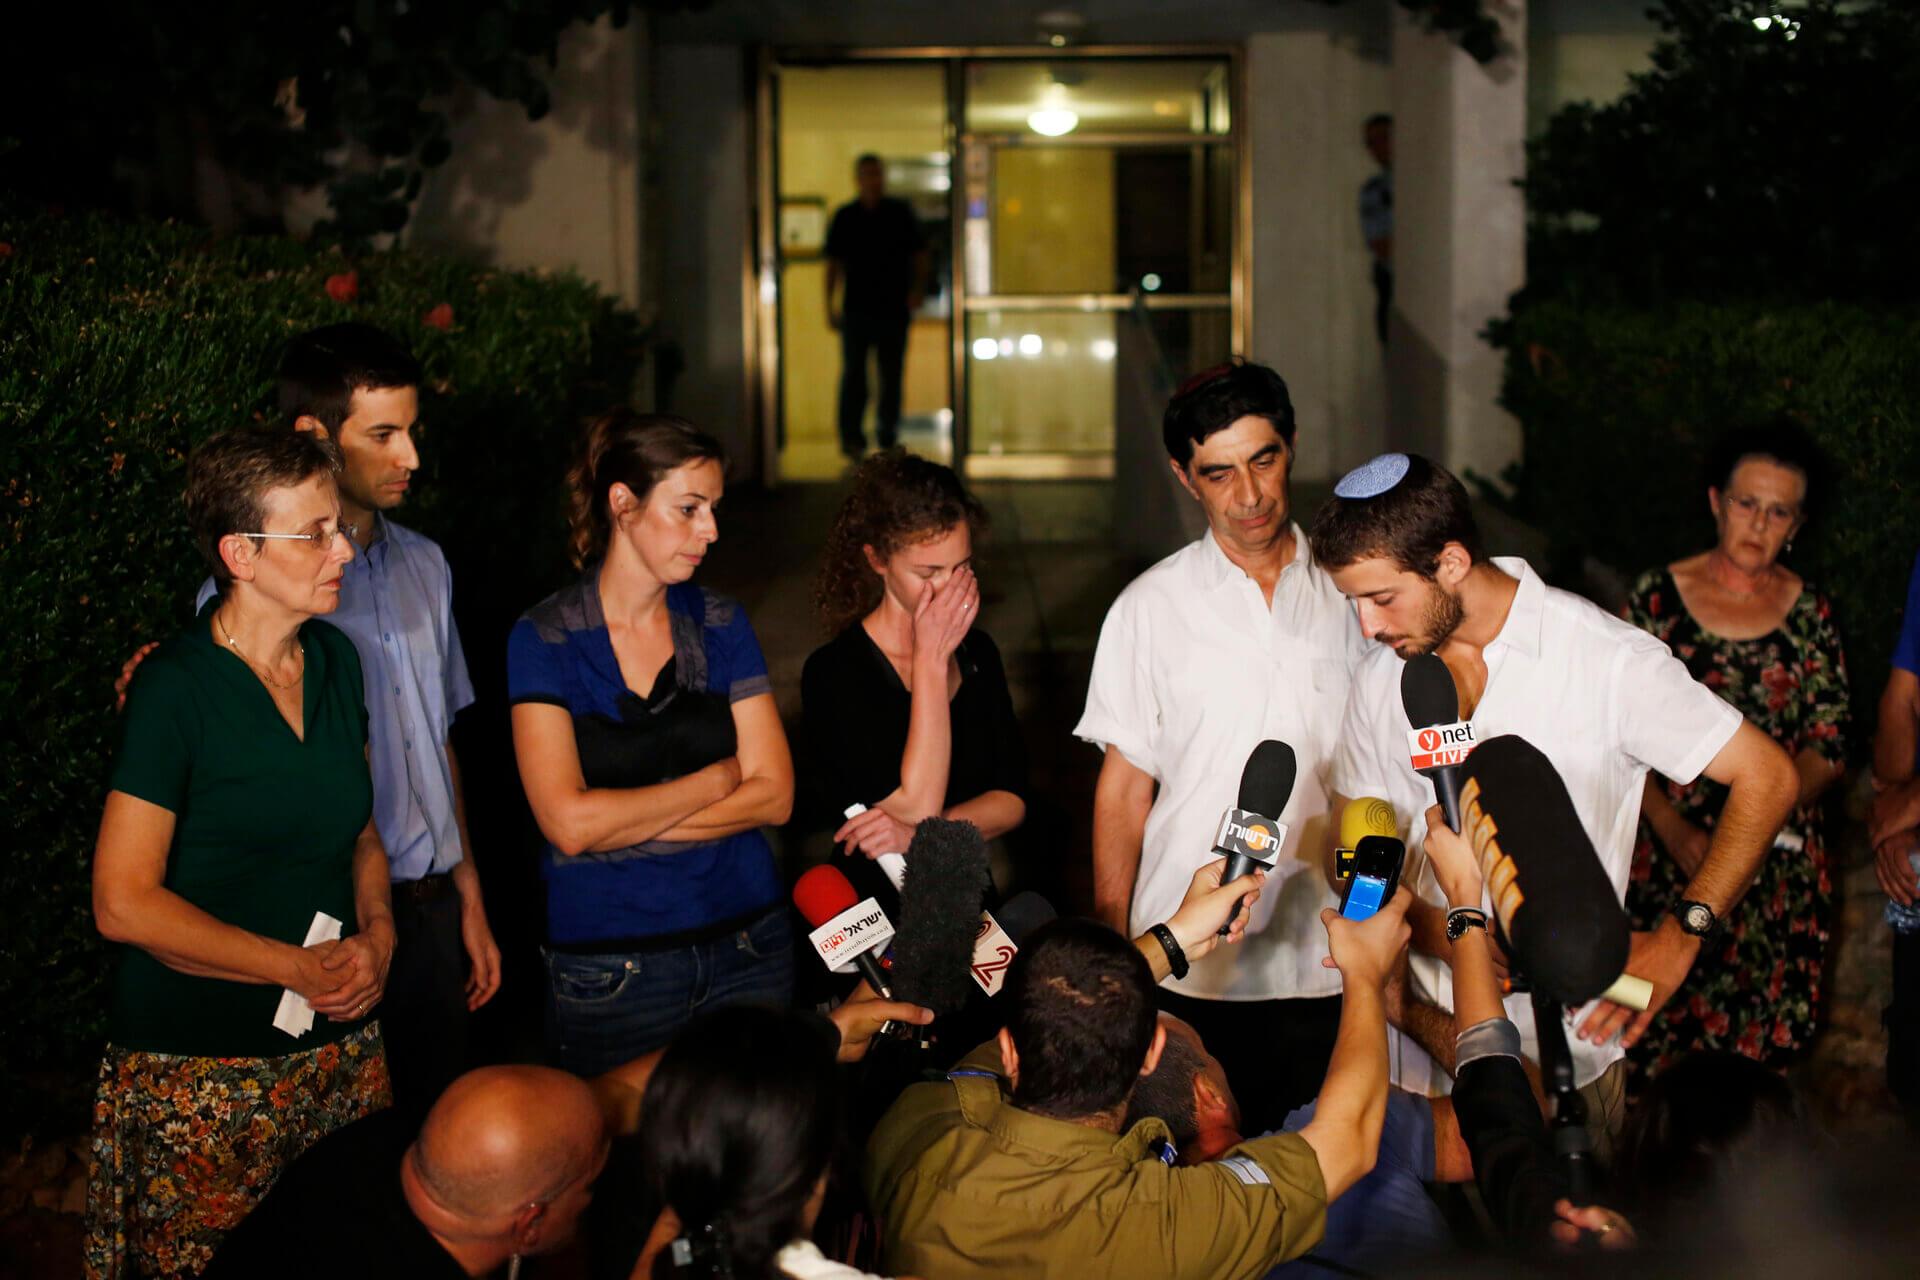 משפחתו של סגן הדר גולדין לאחר נפילתו בצוק איתן ב-2014. צילום: רויטרס